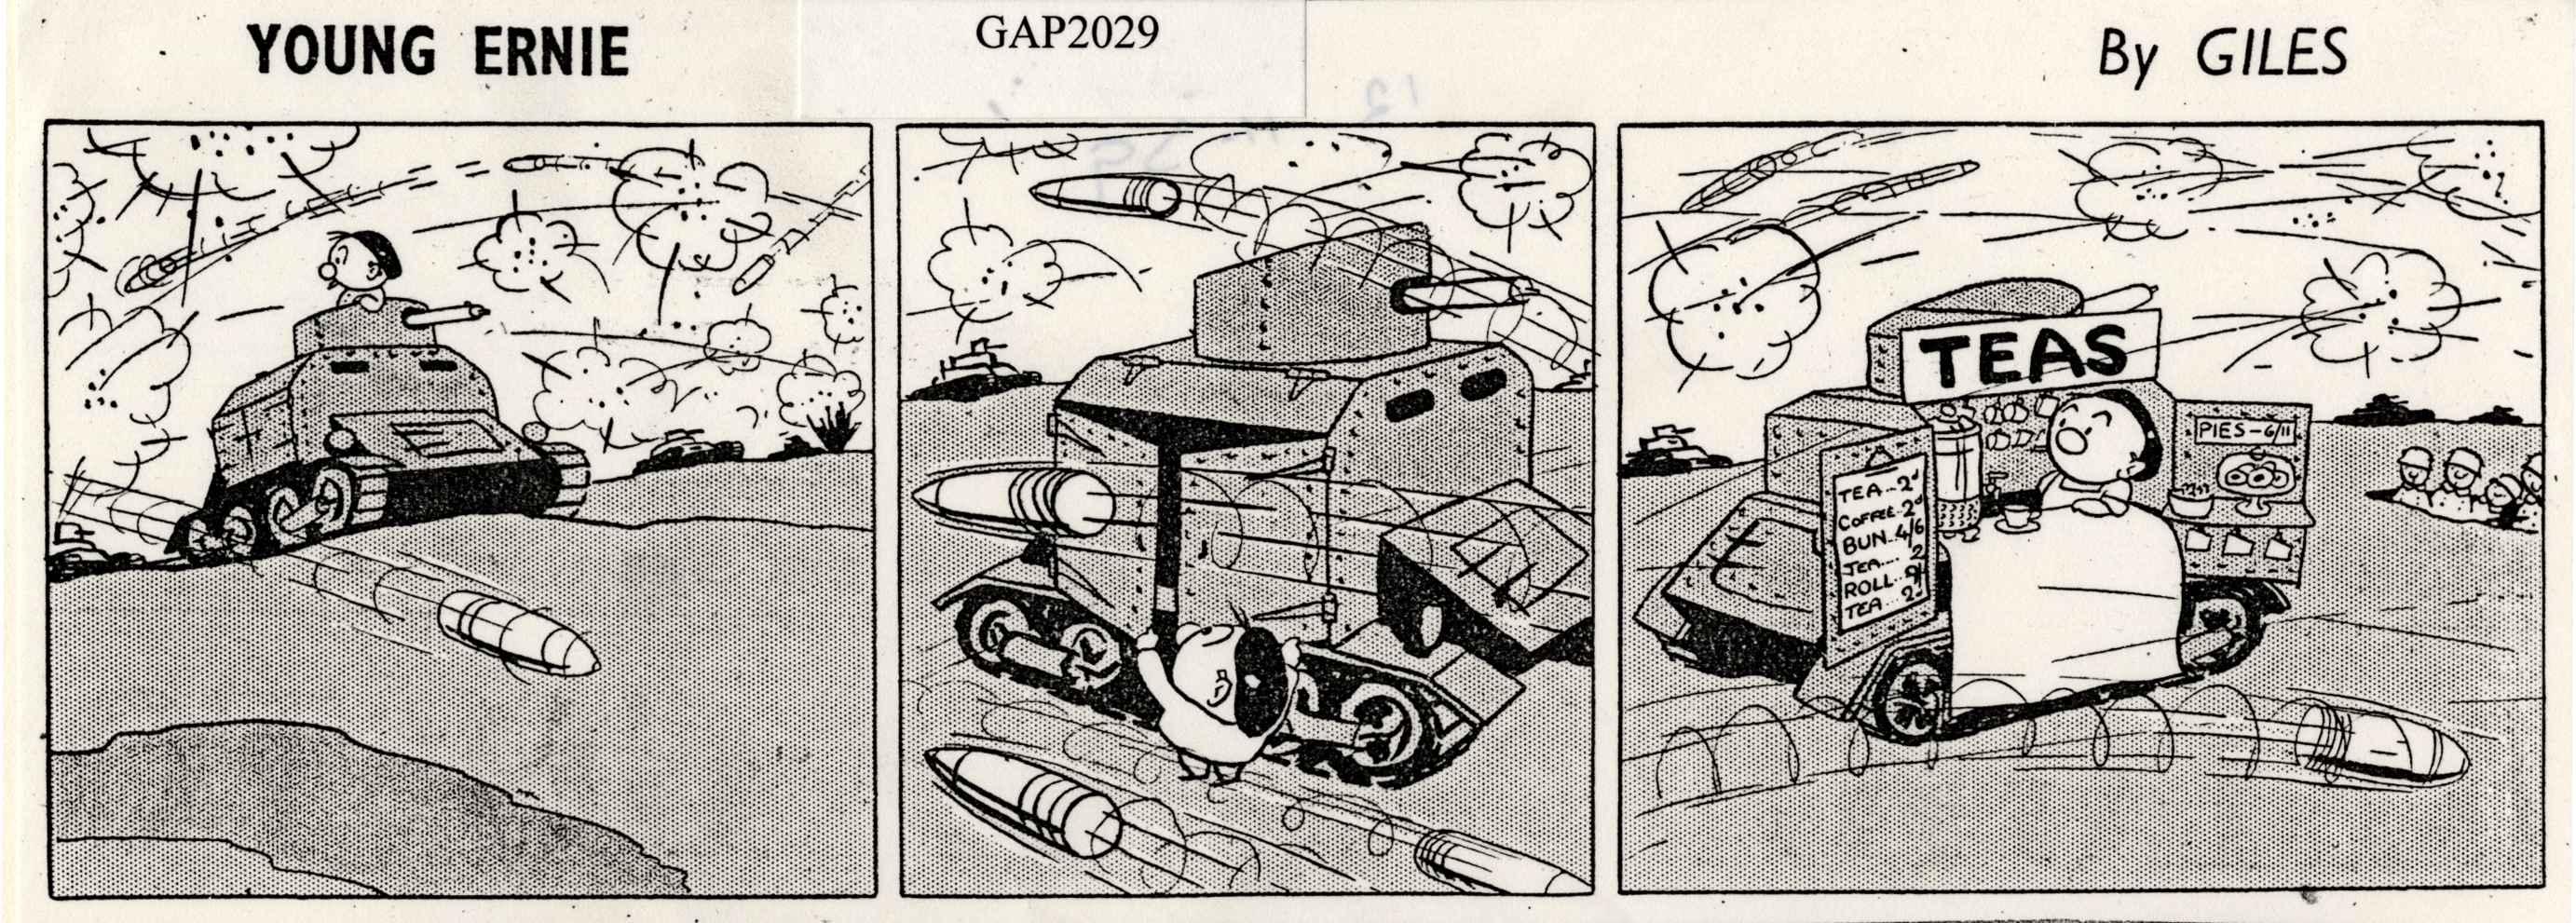 Giles Army Cartoon.jpg